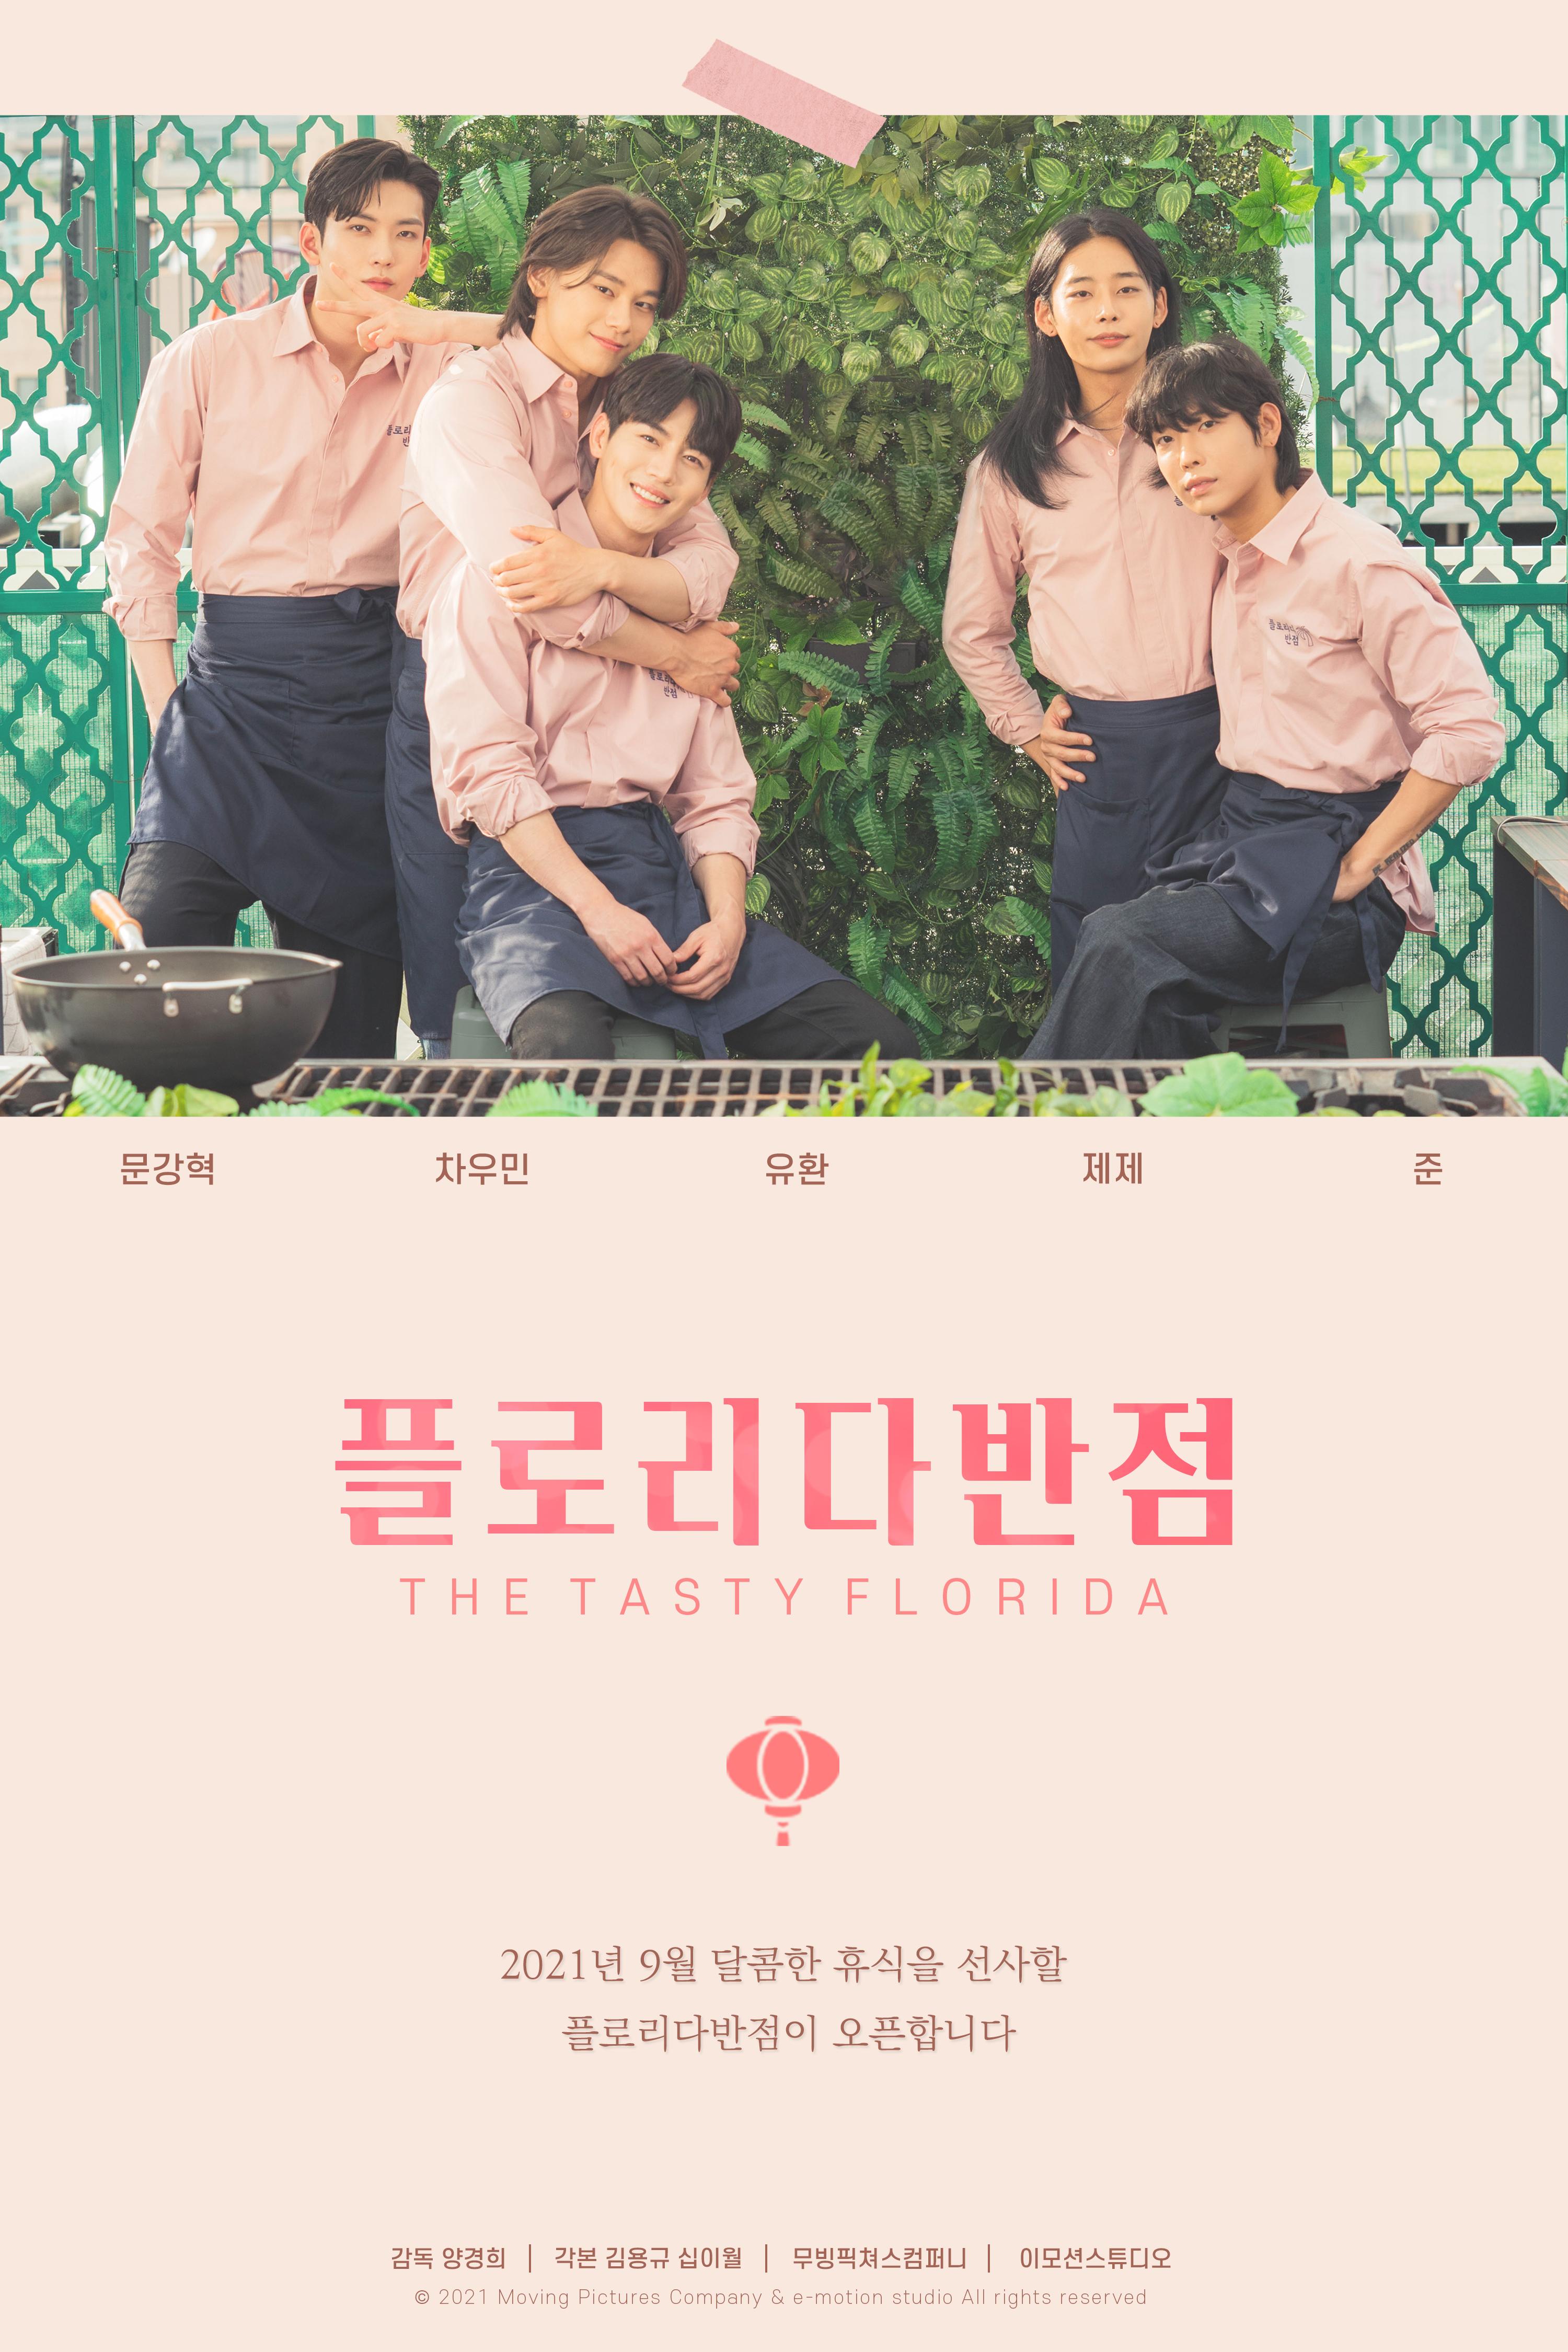 '비주얼 맛집' BL 웹드라마 '플로리다반점' 포스터 공개